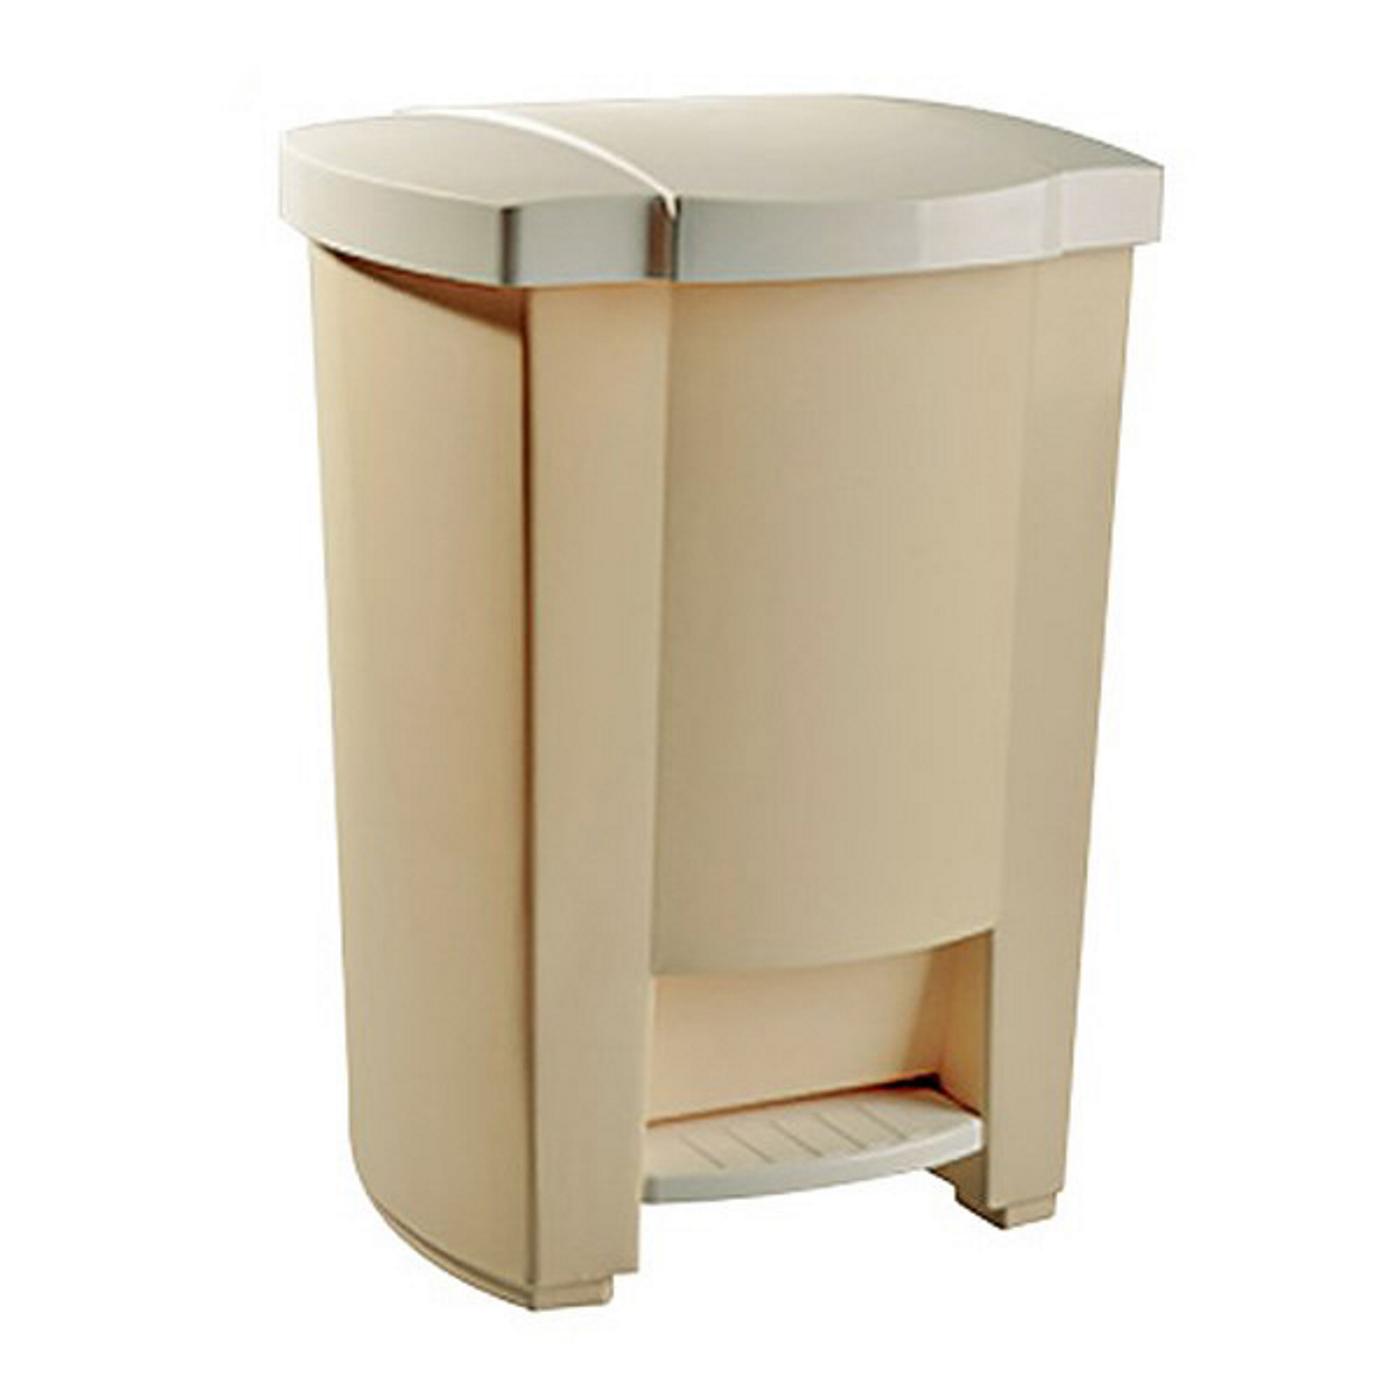 جدیدترین سطل زباله پلاستیکی خانگی